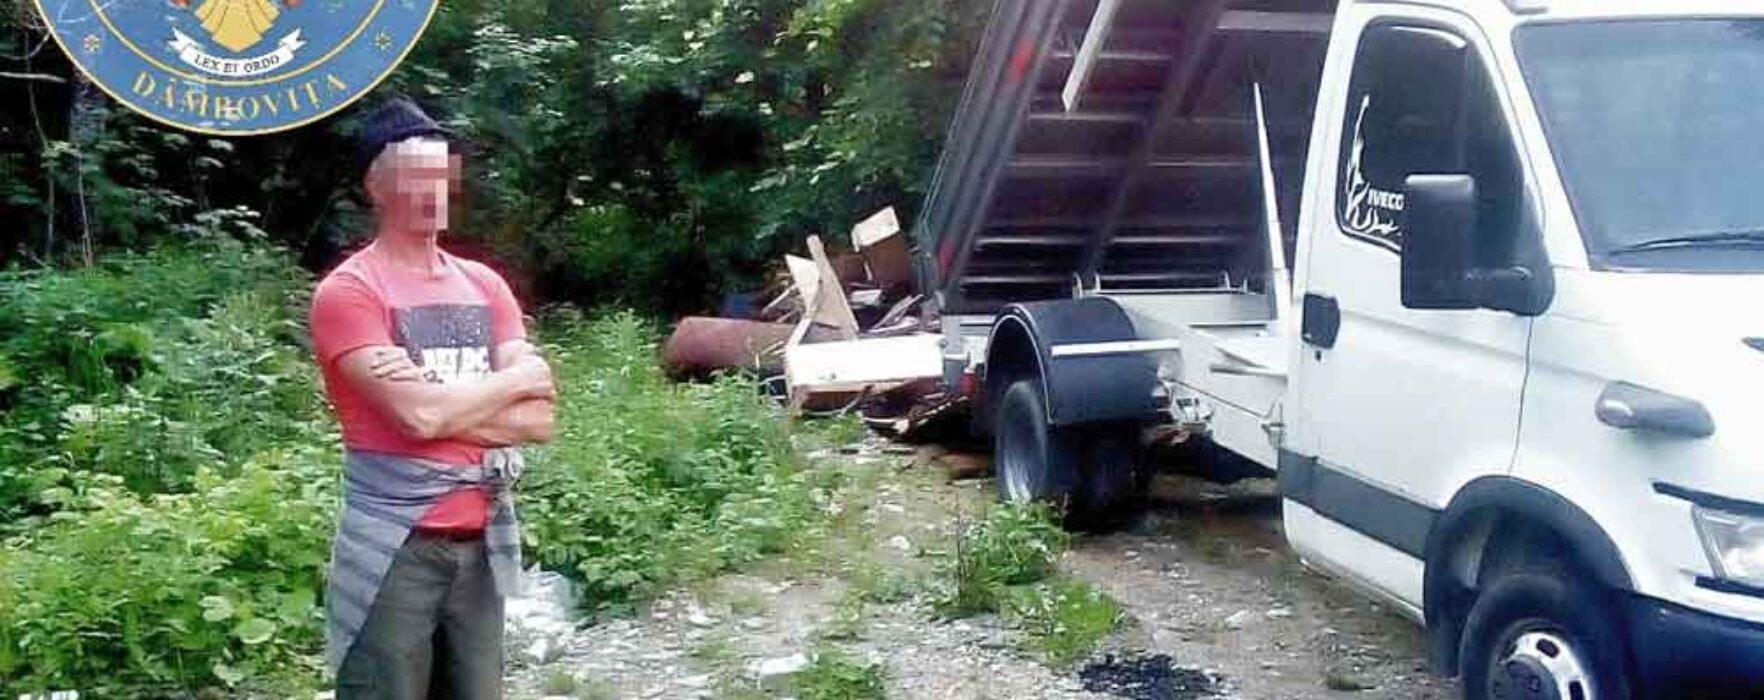 Dâmboviţa: Prinşi de jandarmii montani în timp ce descărcau o autoutilitară cu deşeuri în pădure